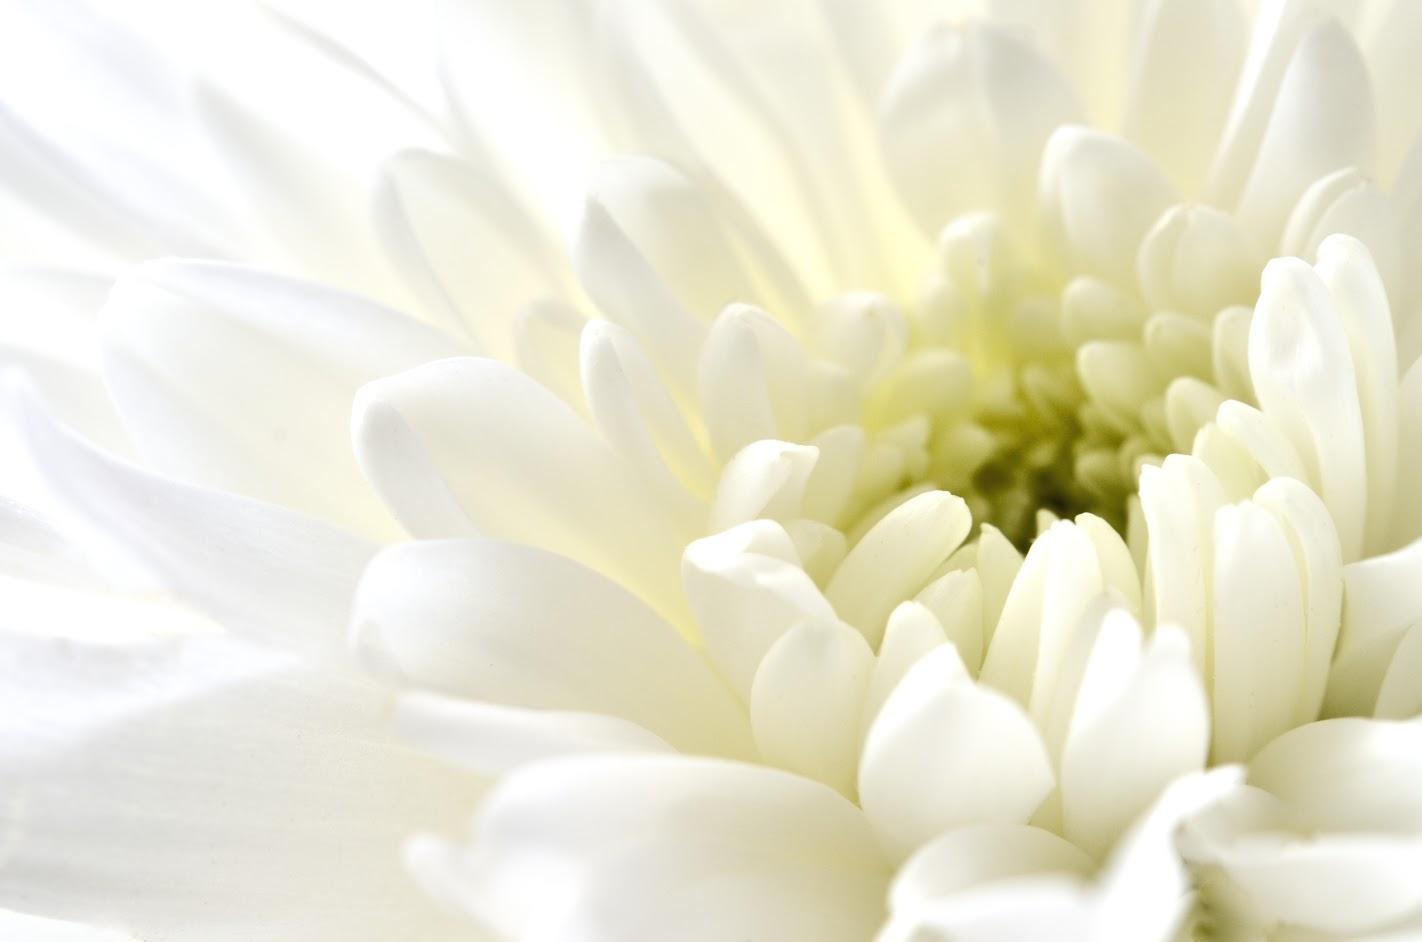 供花の名札の書き方は?名札のつけ方や供花を送る際の注意点も解説!のサムネイル画像